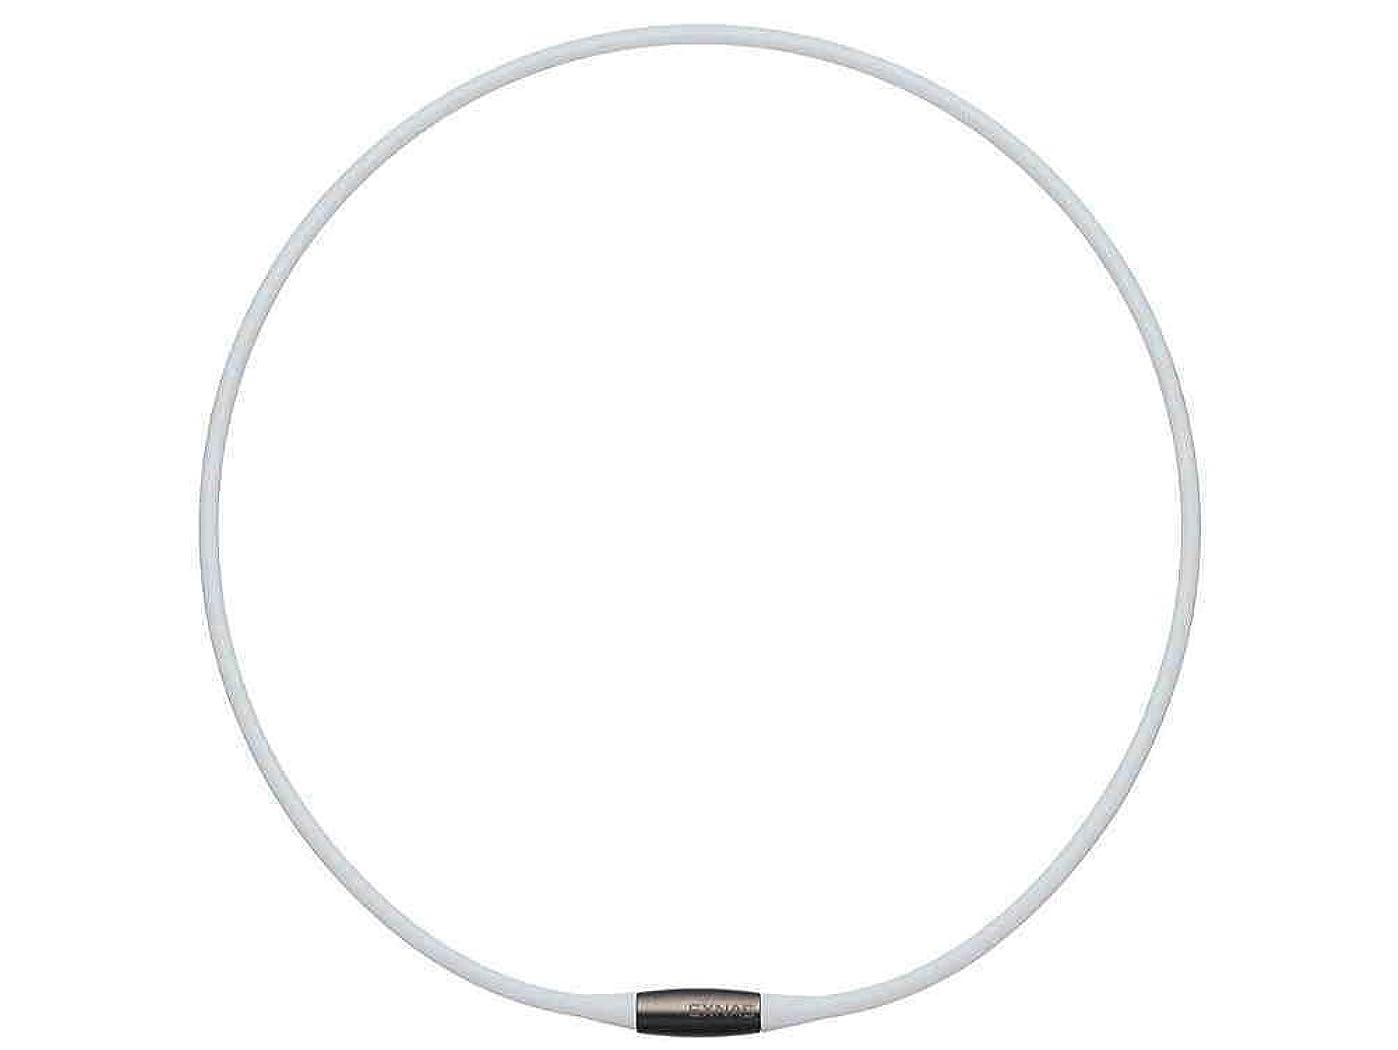 誘惑するディスクメニューTDK EXNAS エクナス D1 磁気ネックレス 50cm-WHホワイト*ネオジウム磁石で肩、首の血行を促進させ、コリを改善!